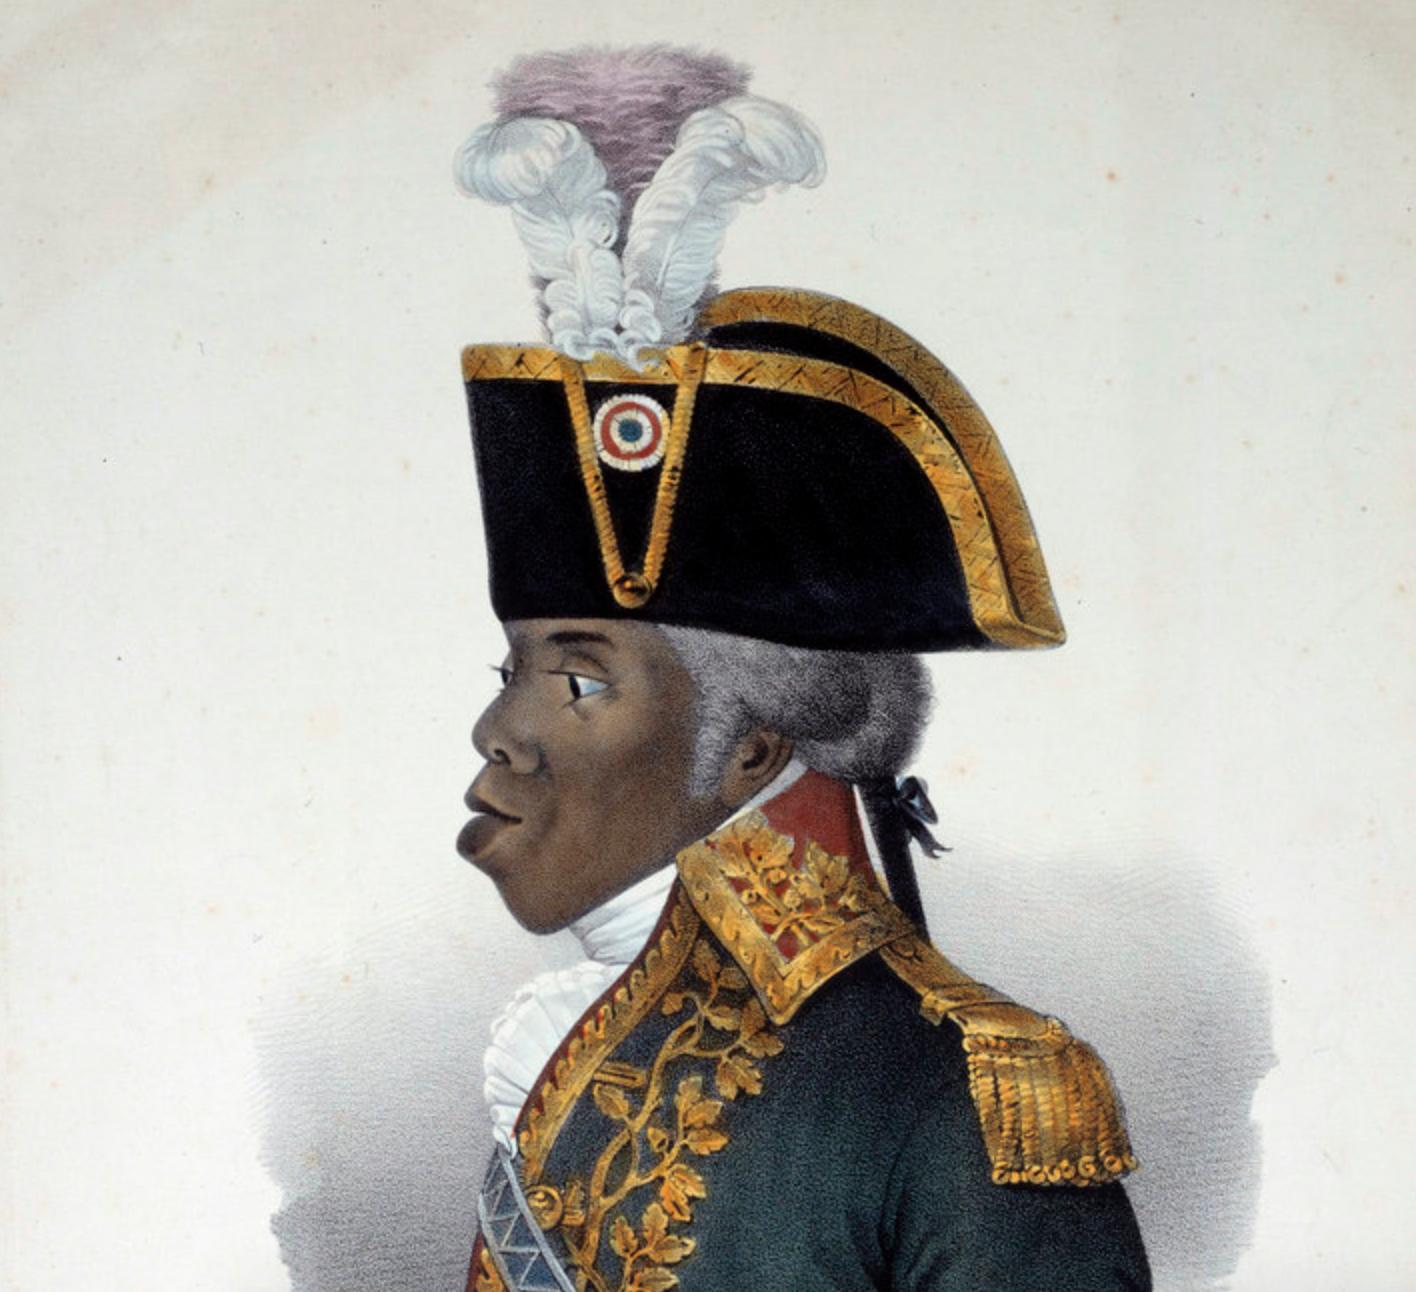 Portrait of Toussaint L'Ouverture (1743-1803) (Photo by Josse/Leemage).